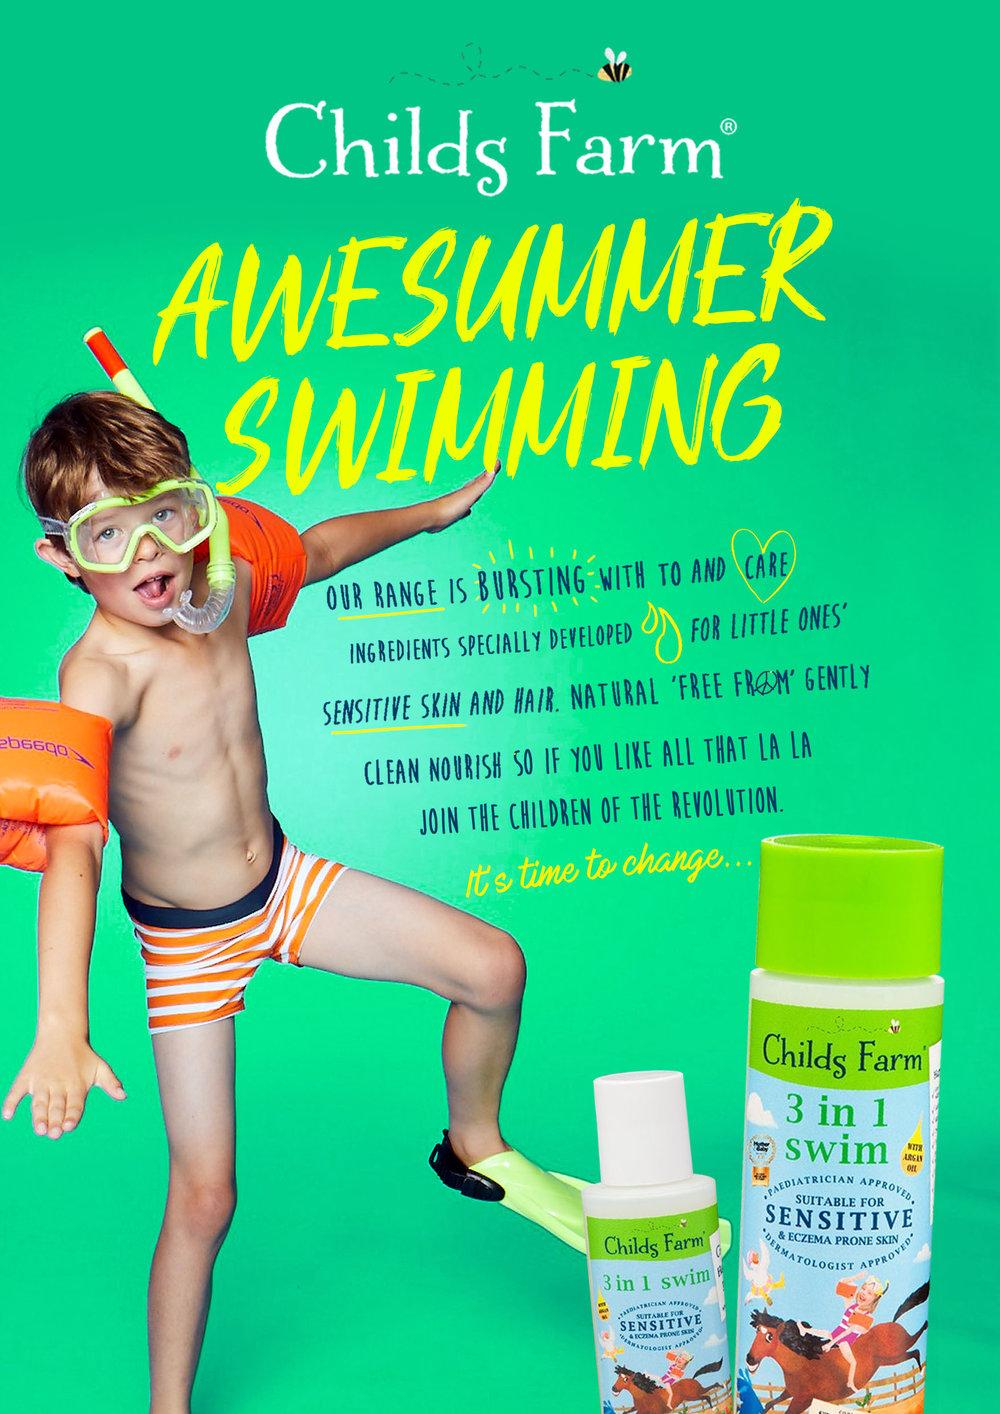 awesummer+swimming.jpg